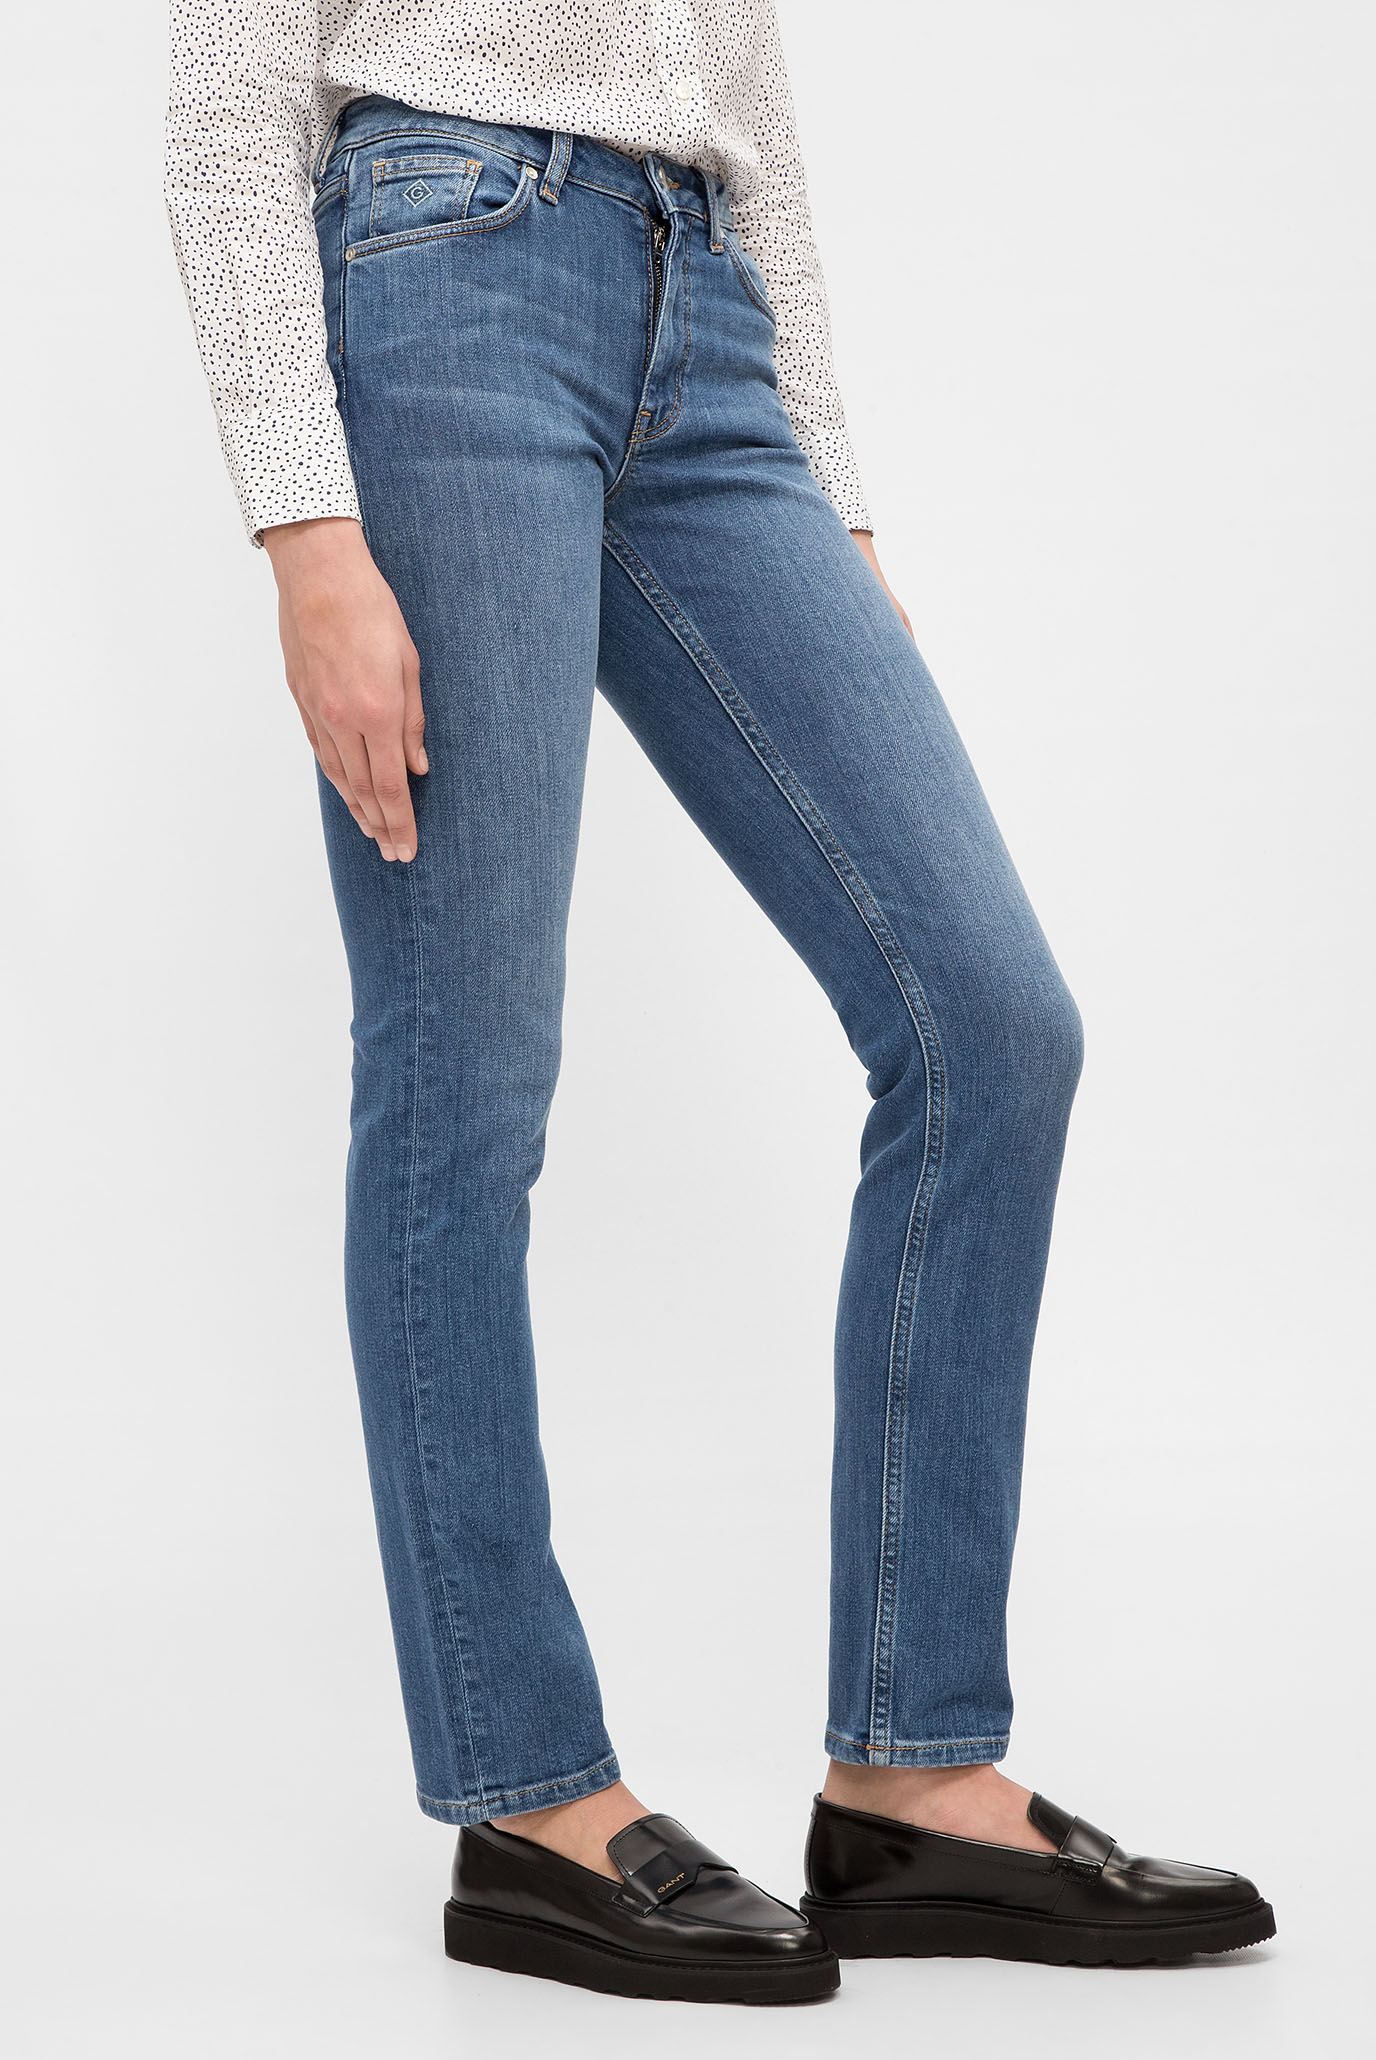 Купить Женские голубые джинсы Gant Gant 4100035 – Киев, Украина. Цены в интернет магазине MD Fashion